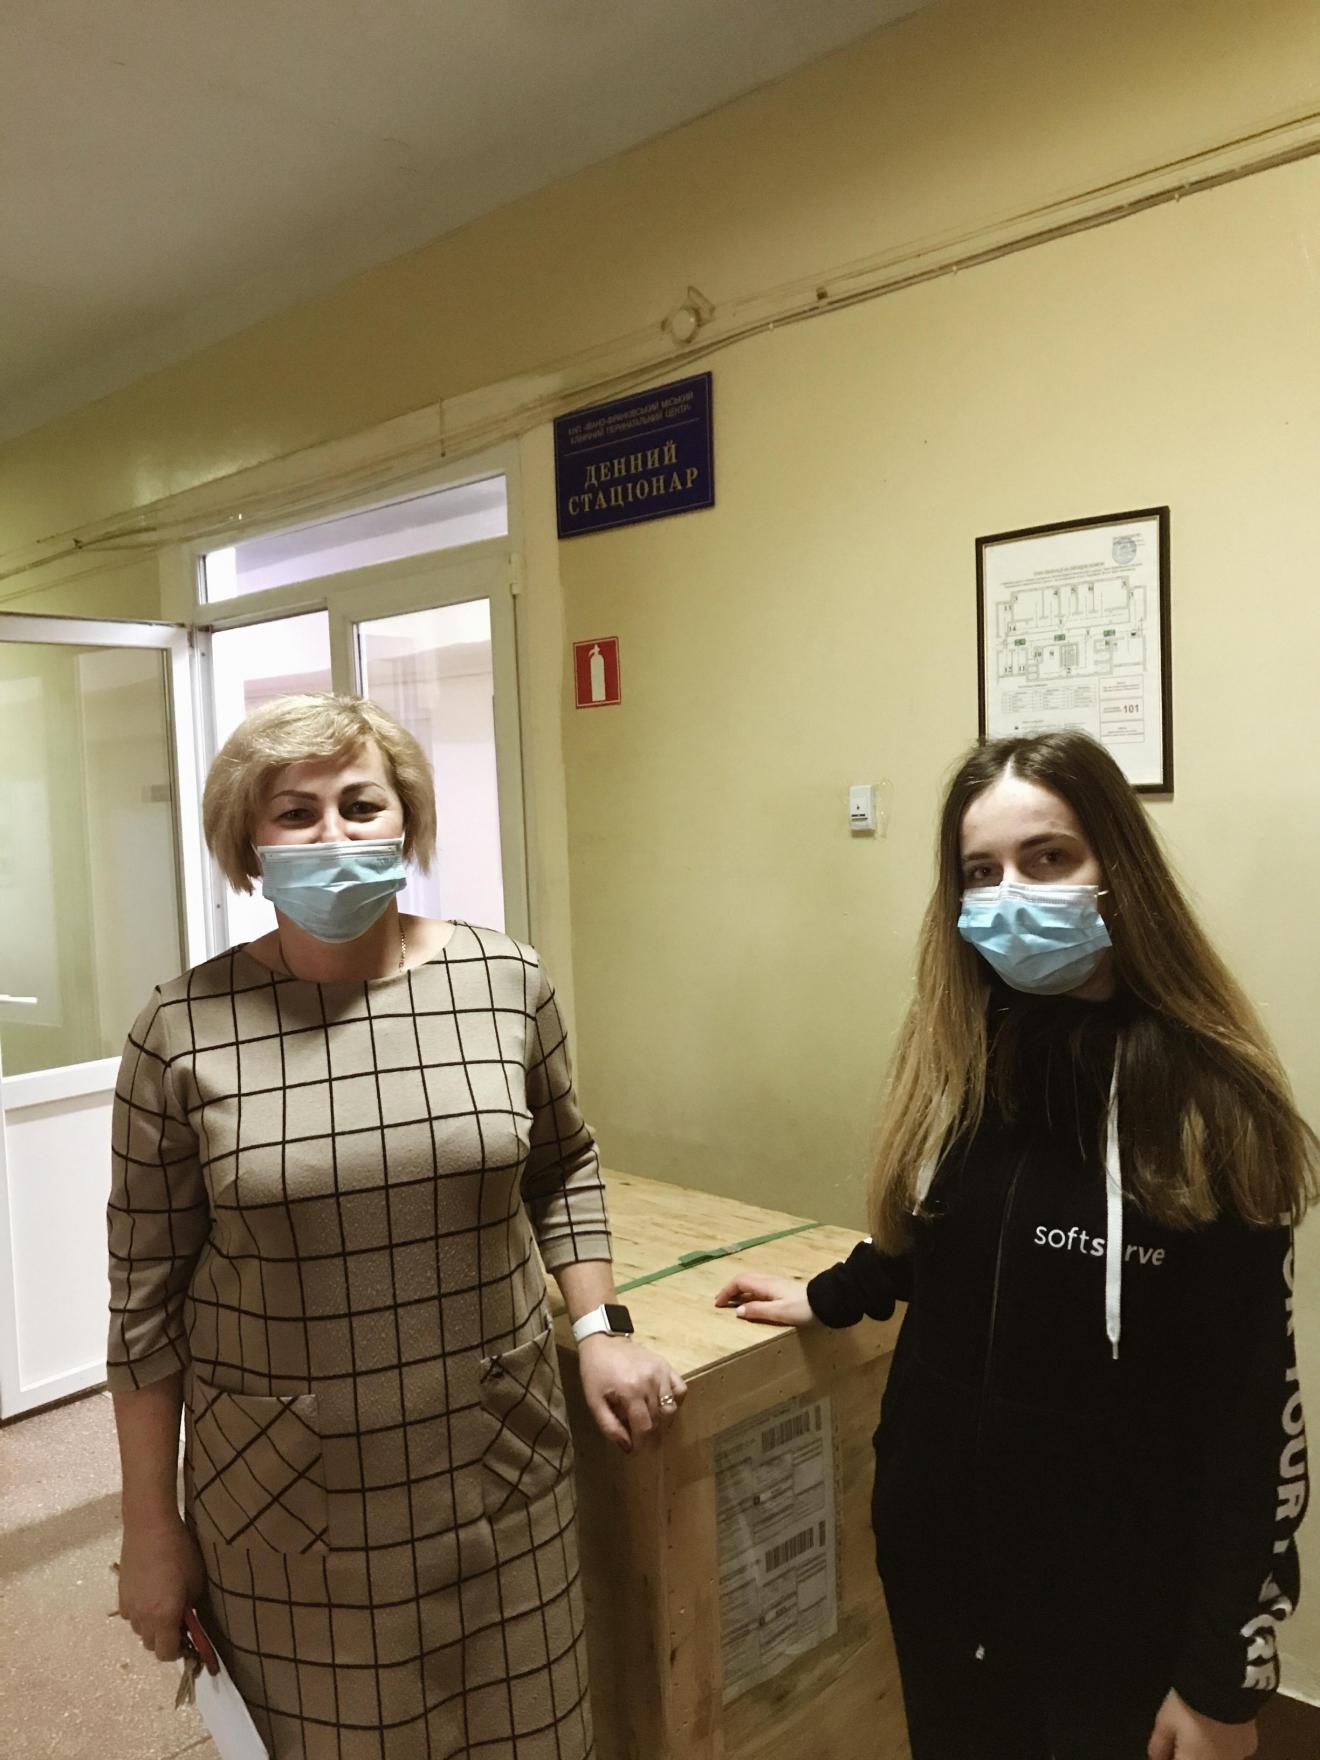 Miskyj-klinichnyj-perynatalnyj-tsentr-Ivano-Frankivskoyi-miskoyi-rady-1320x1760 Благодійний фонд «Відкриті очі» передав лікарням 10 кисневих концентраторів